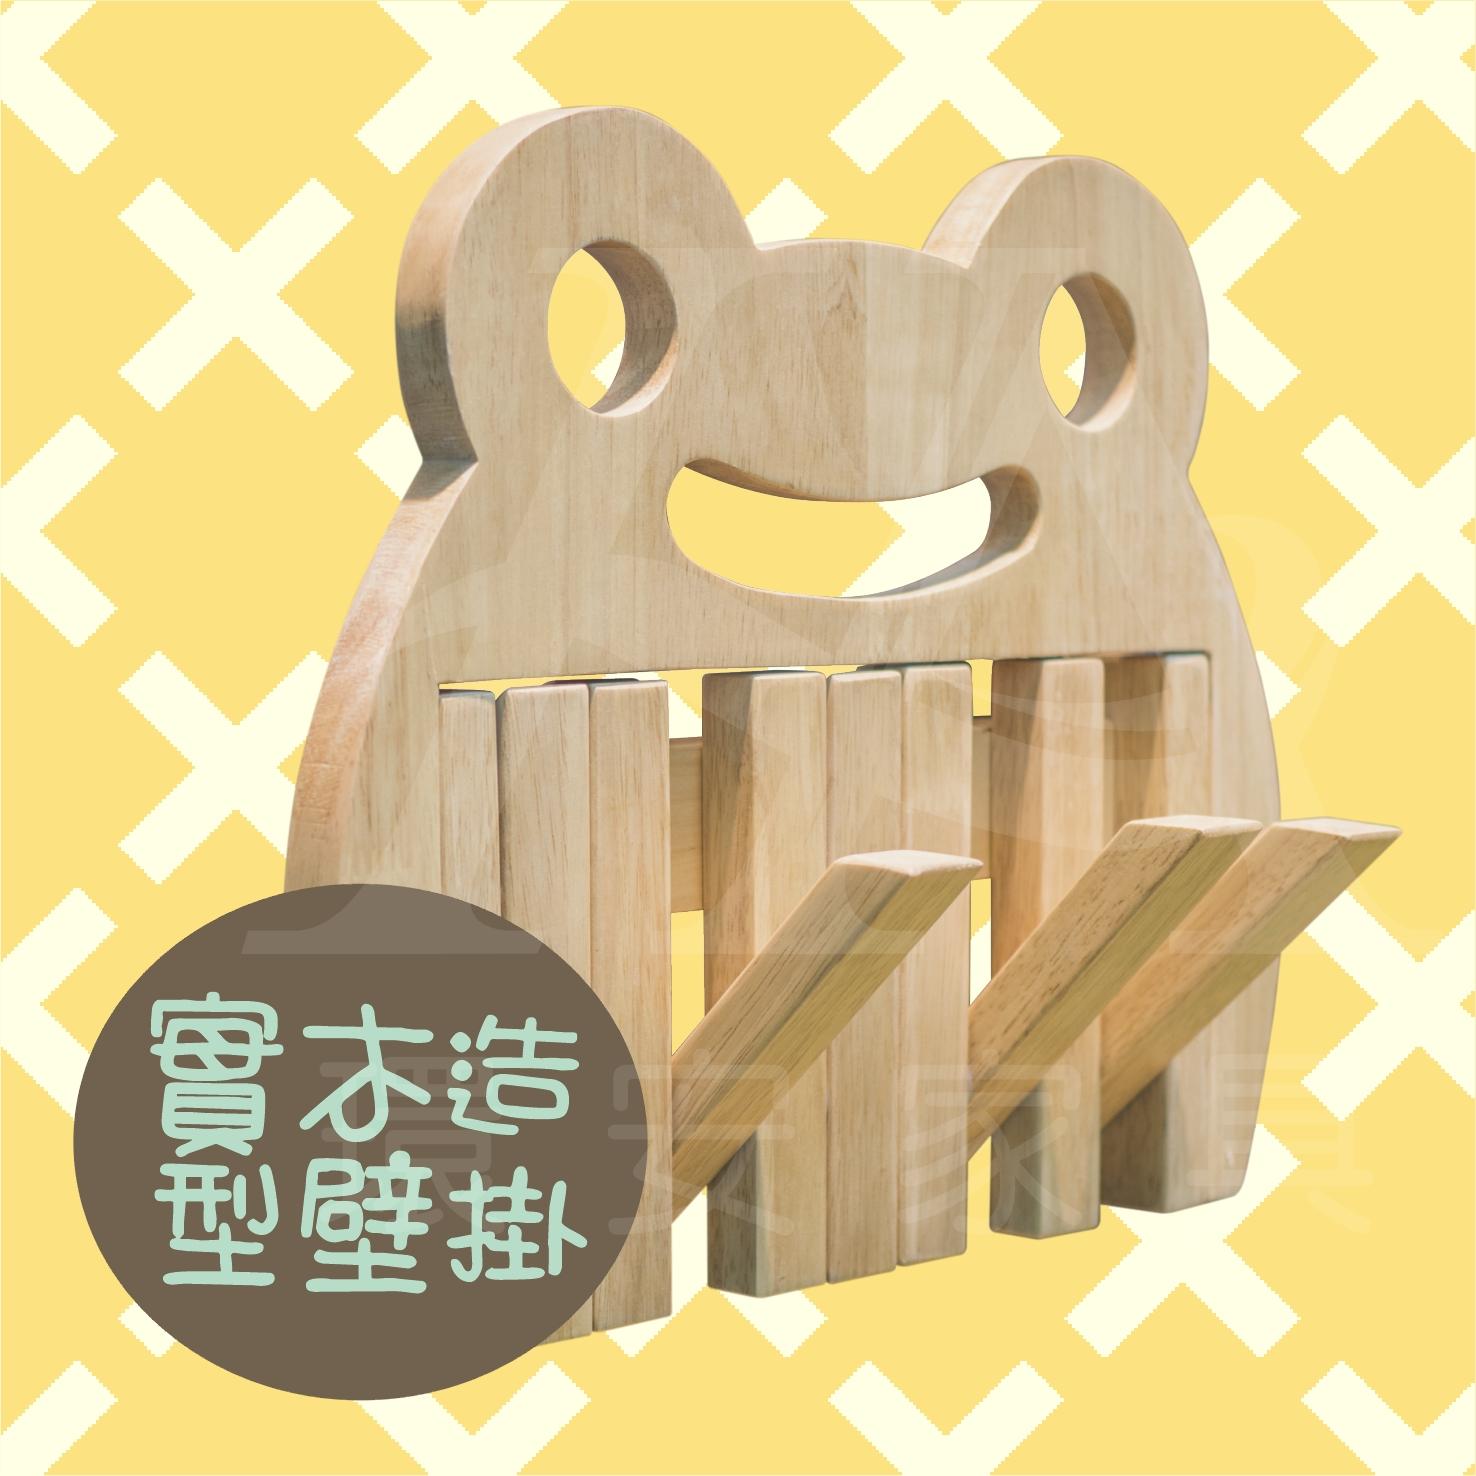 環安家具-實木造型壁掛/妙妙蛙壁掛/兒童用壁掛/可加購護木保養液